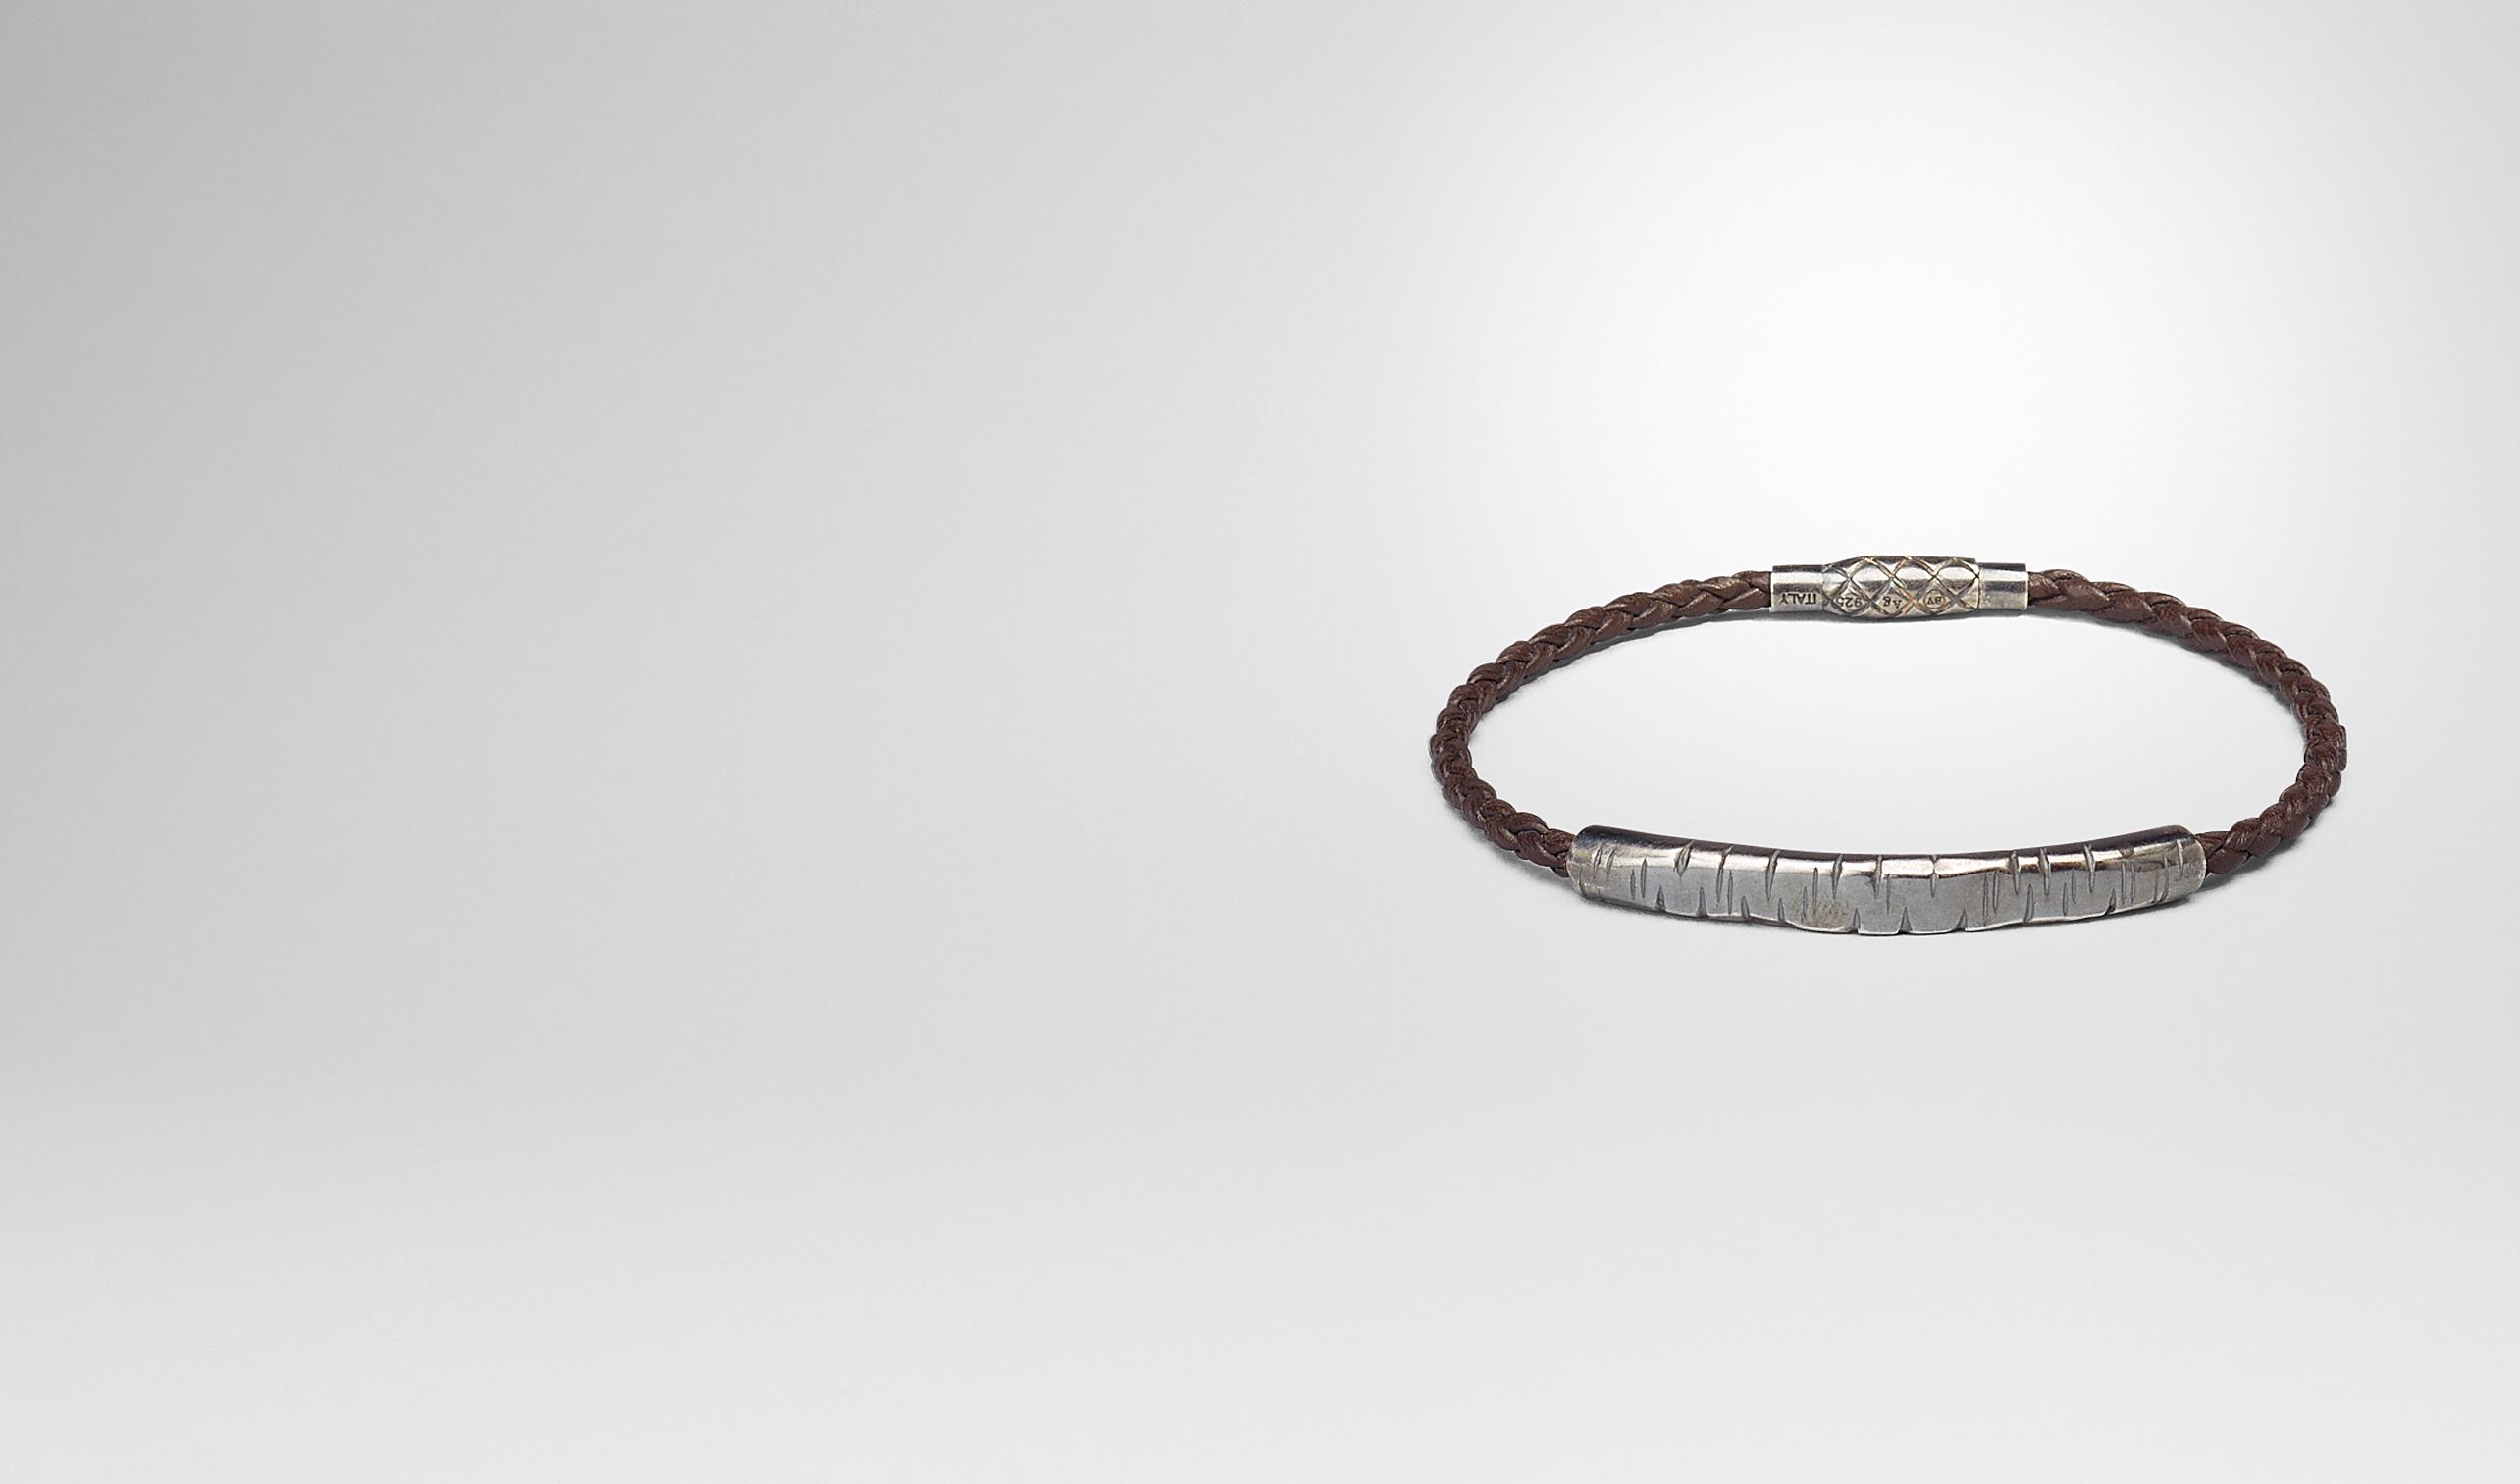 BOTTEGA VENETA Bracelet U BRACELET IN EBANO INTRECCIATO NAPPA AND SILVER pl